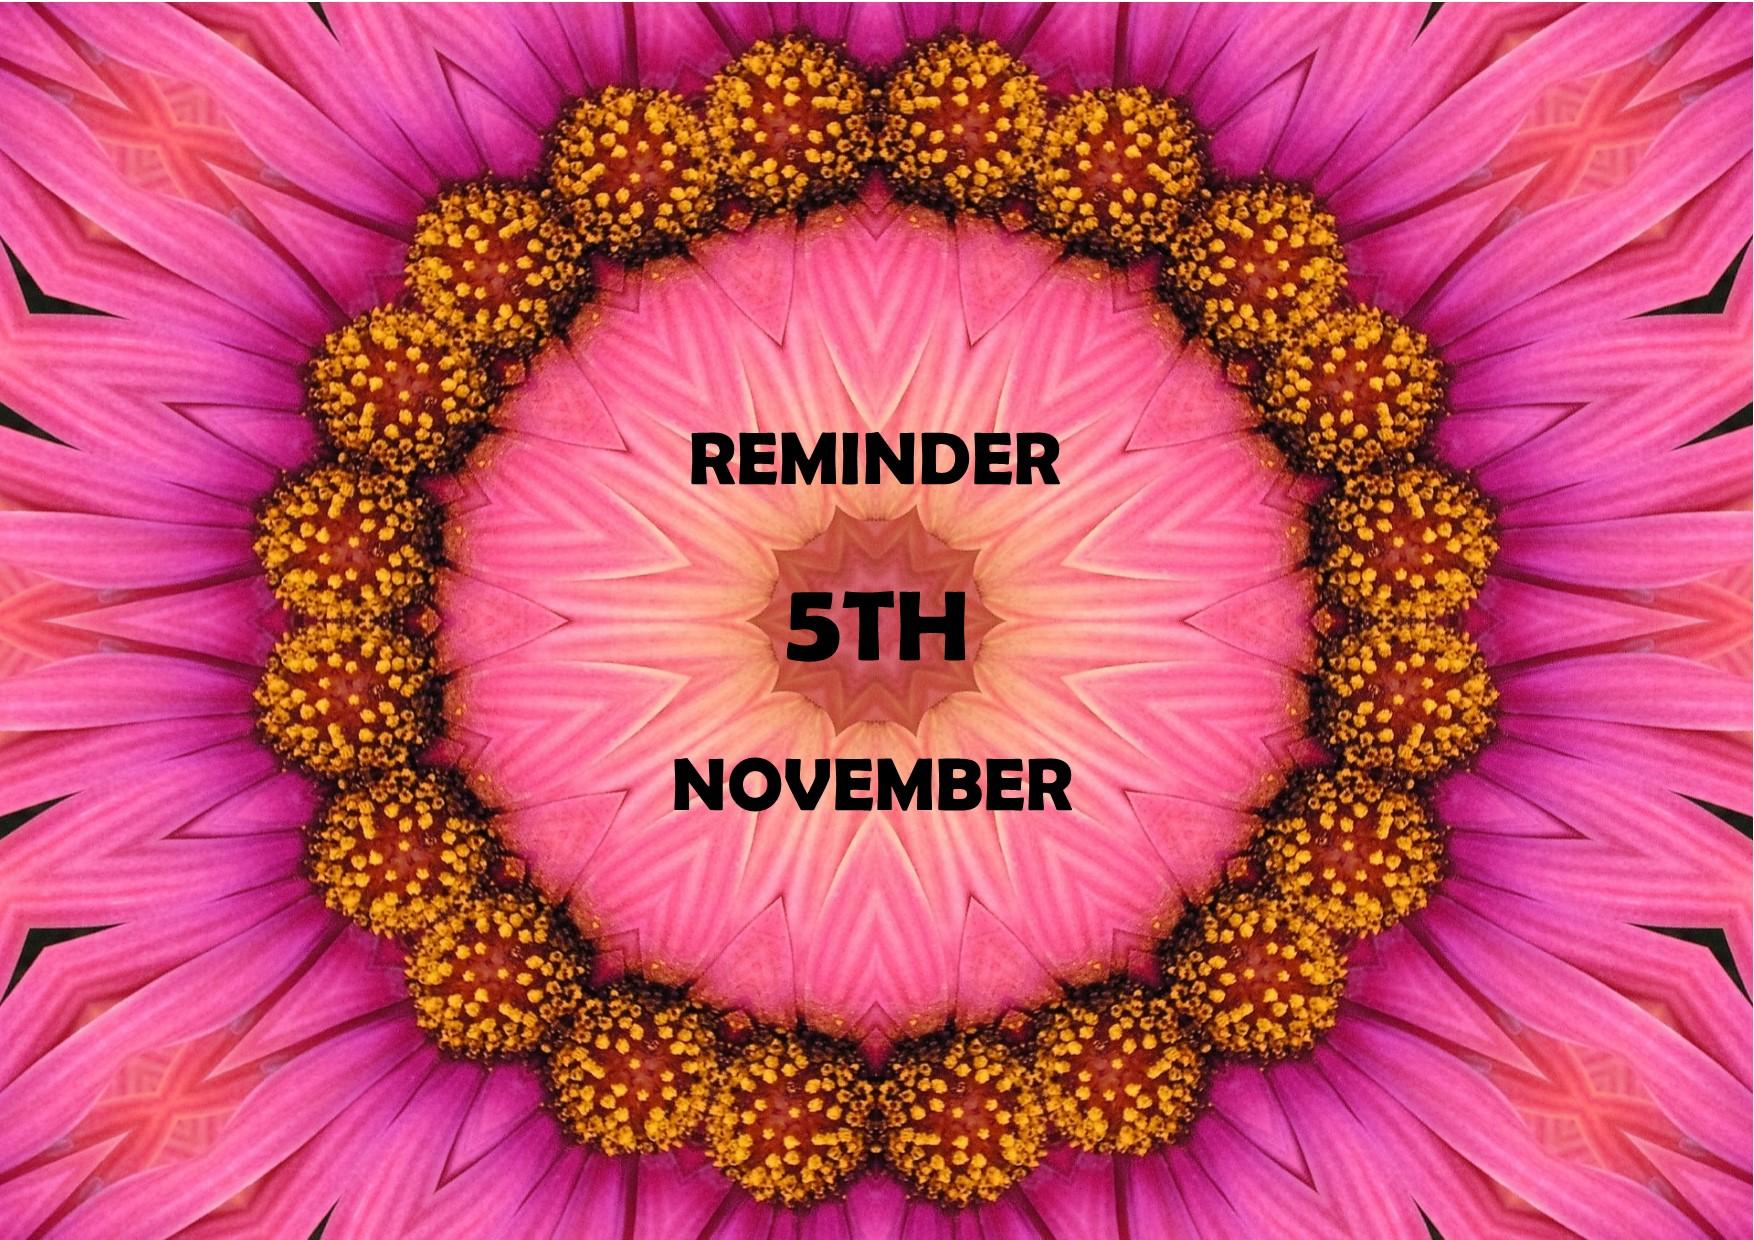 Reminder Nov 18